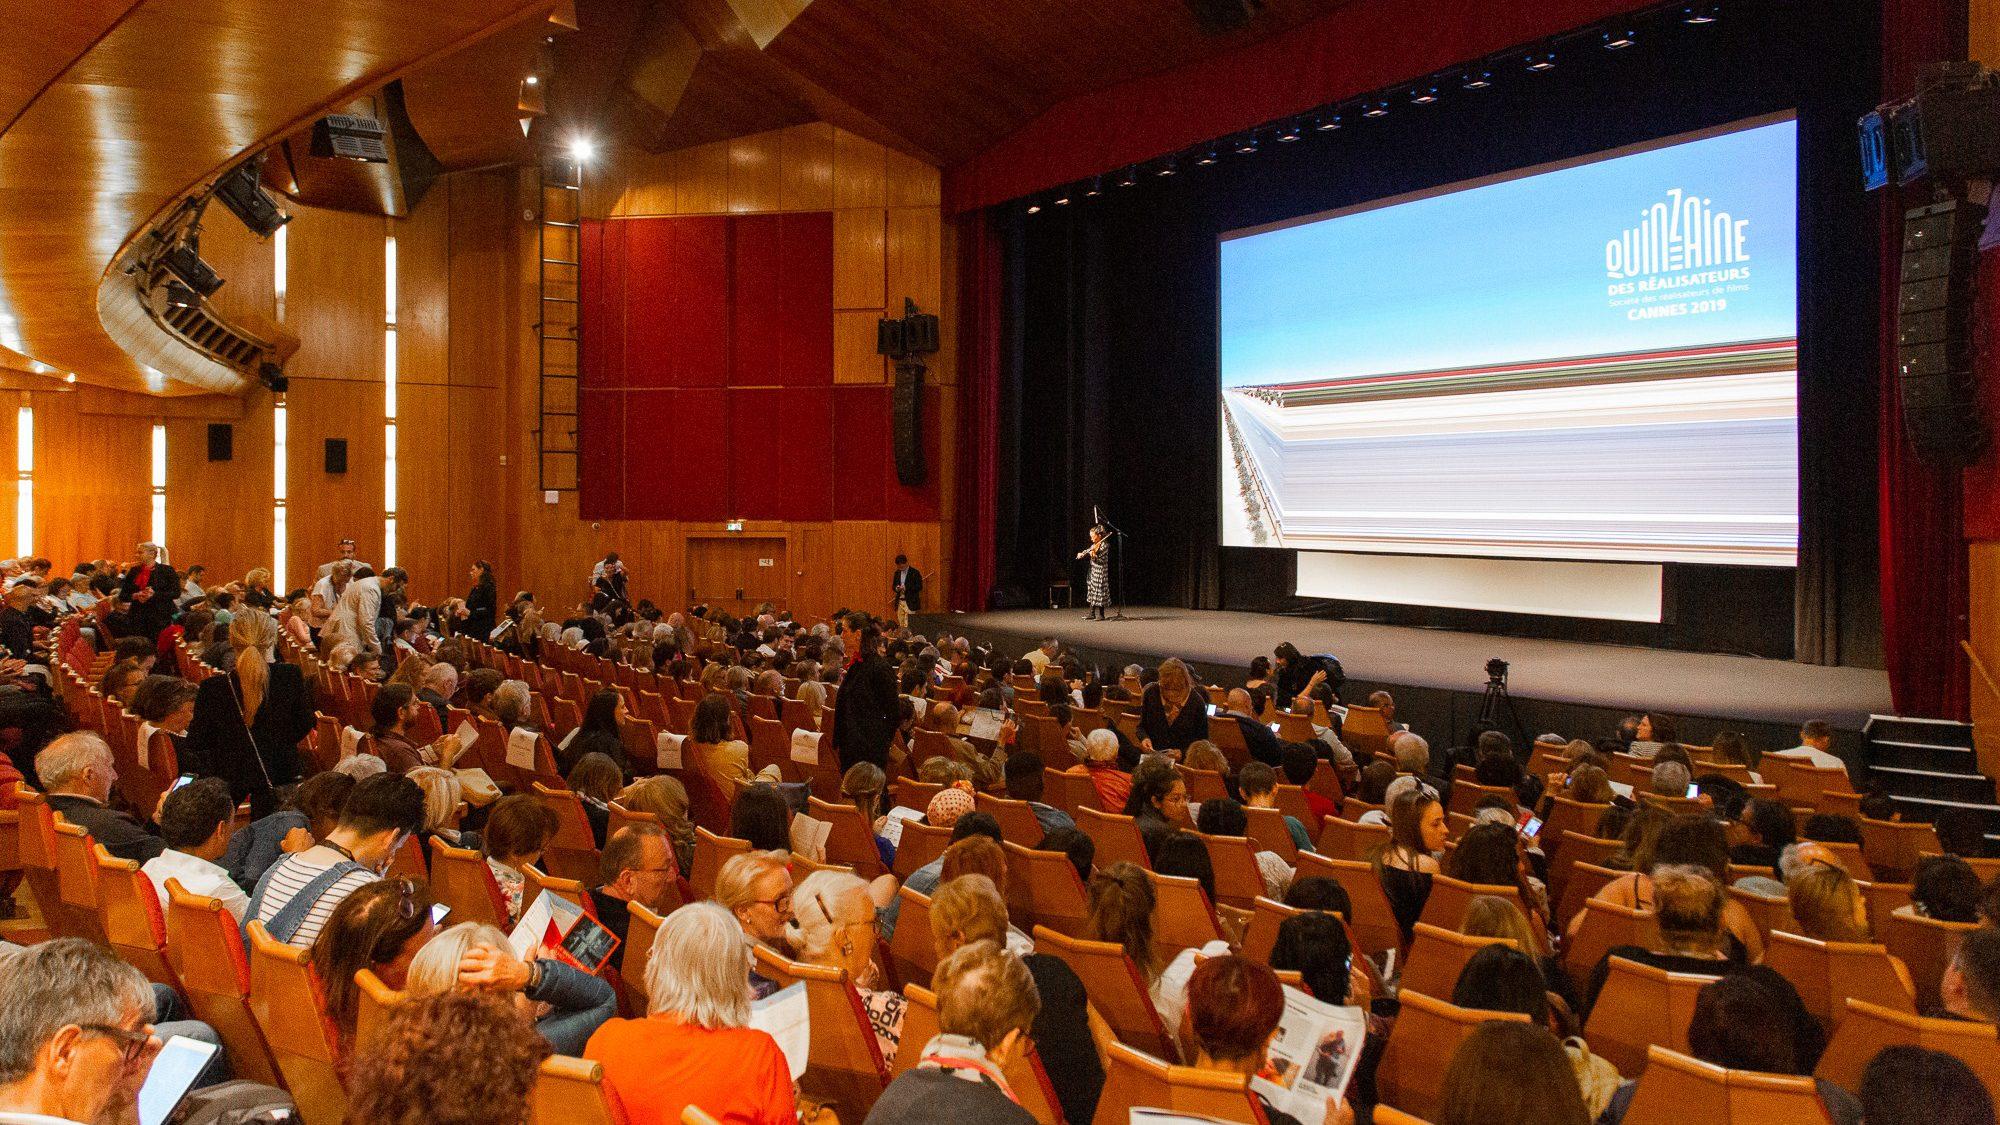 (Español) Mercados audiovisuales del mundo se adaptan a la crisis: tendrán versiones online y exhibiciones con asientos virtuales